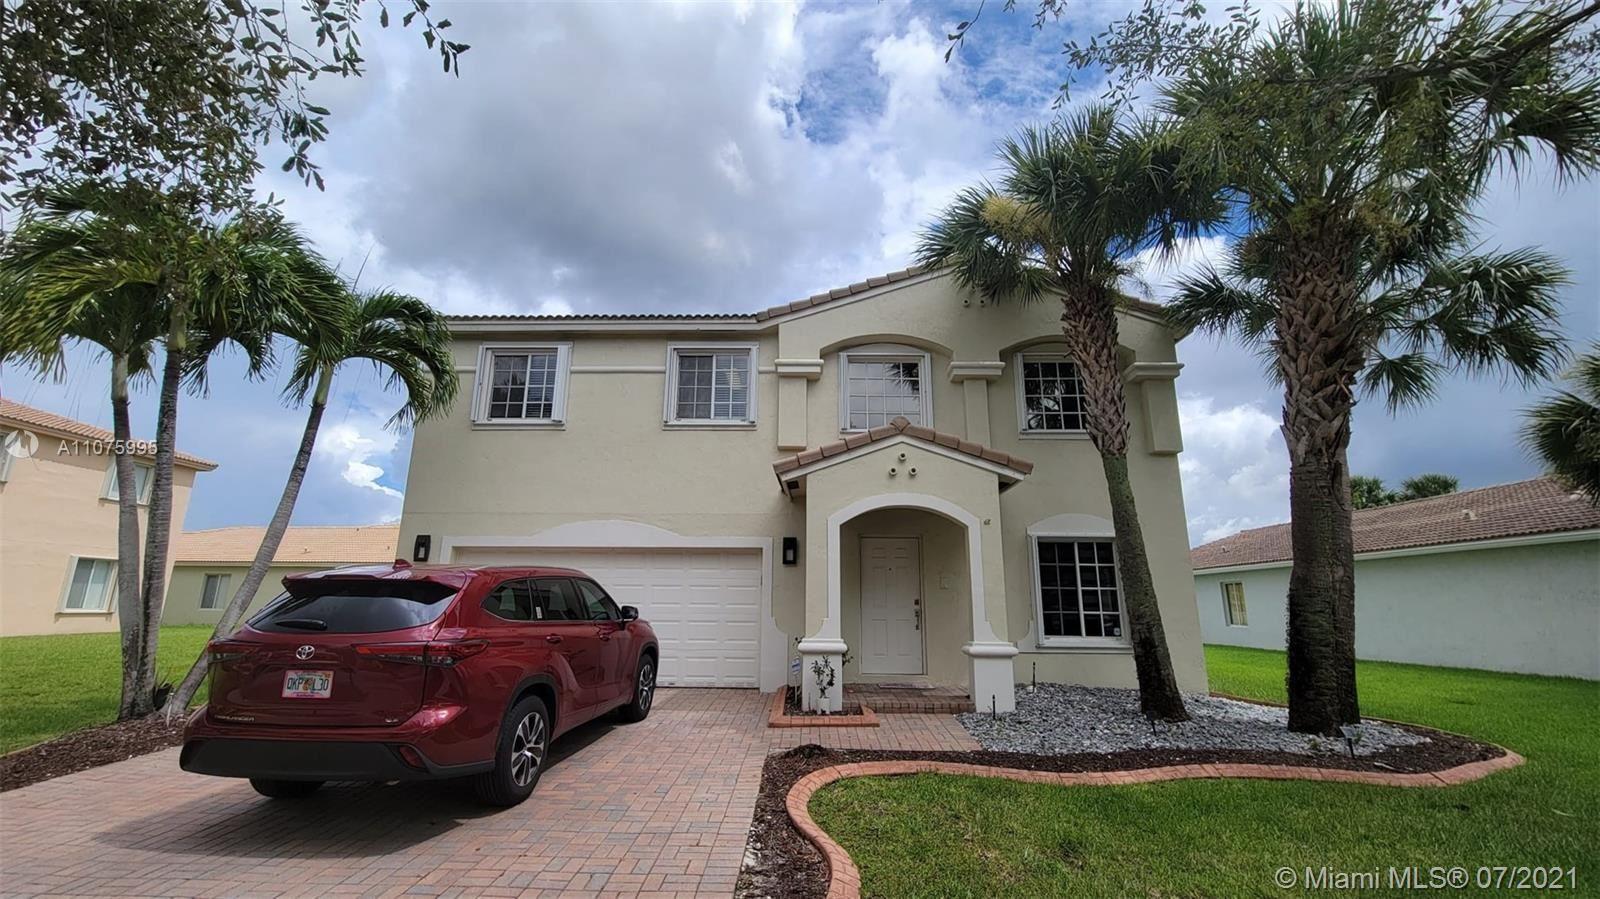 Photo of Miramar, FL 33027 (MLS # A11075995)